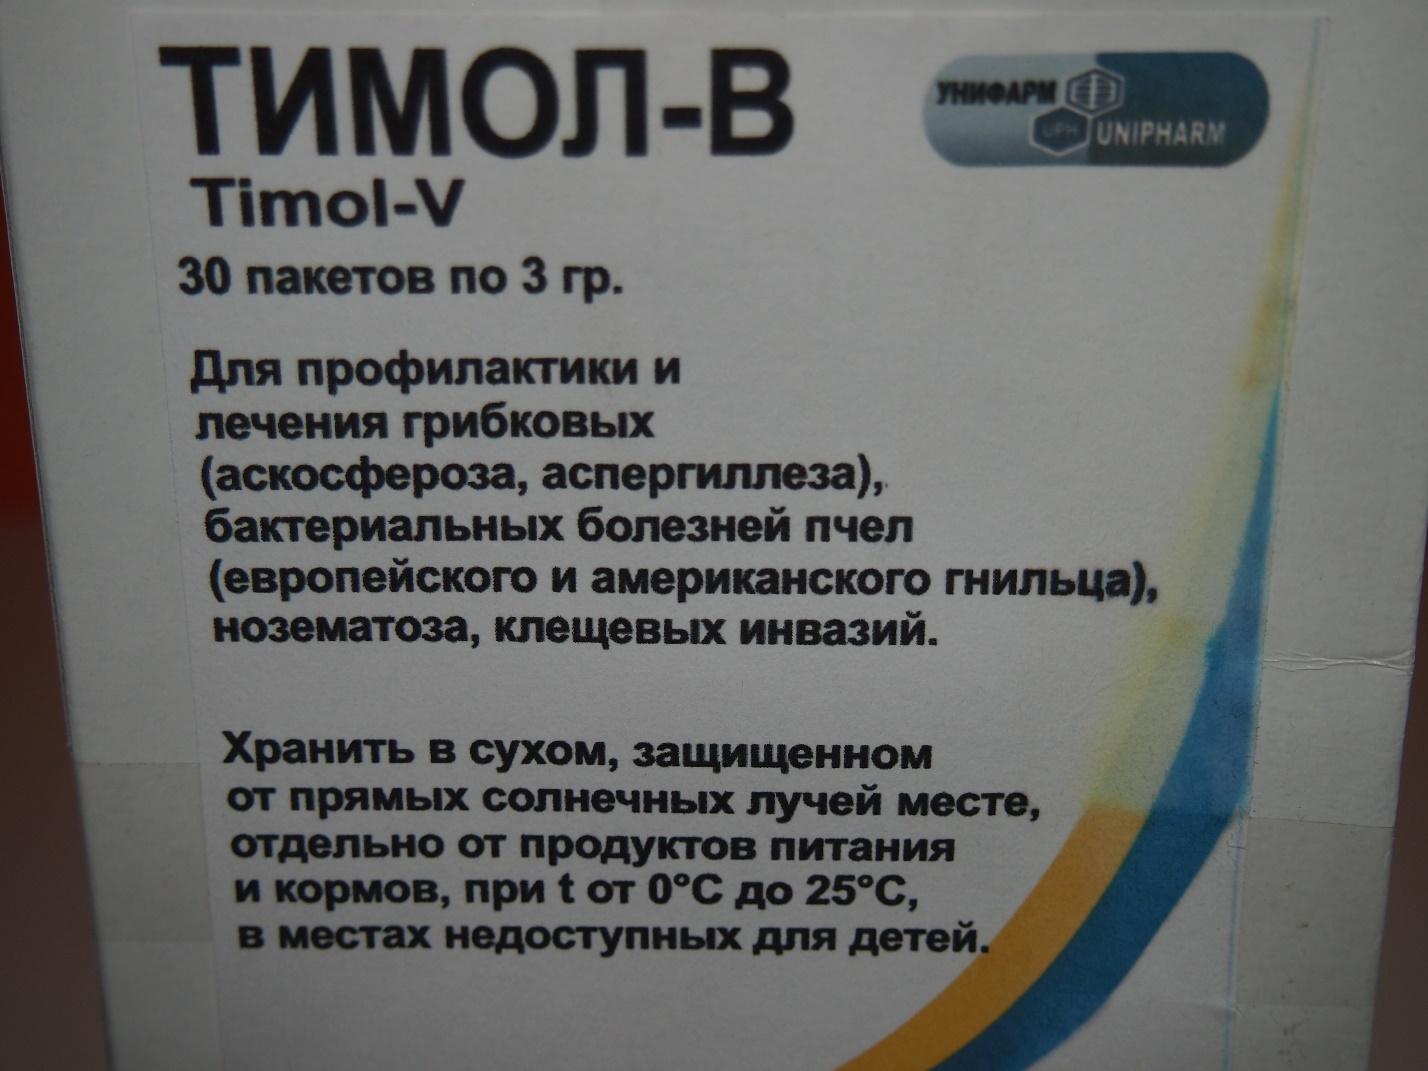 Тимол-В